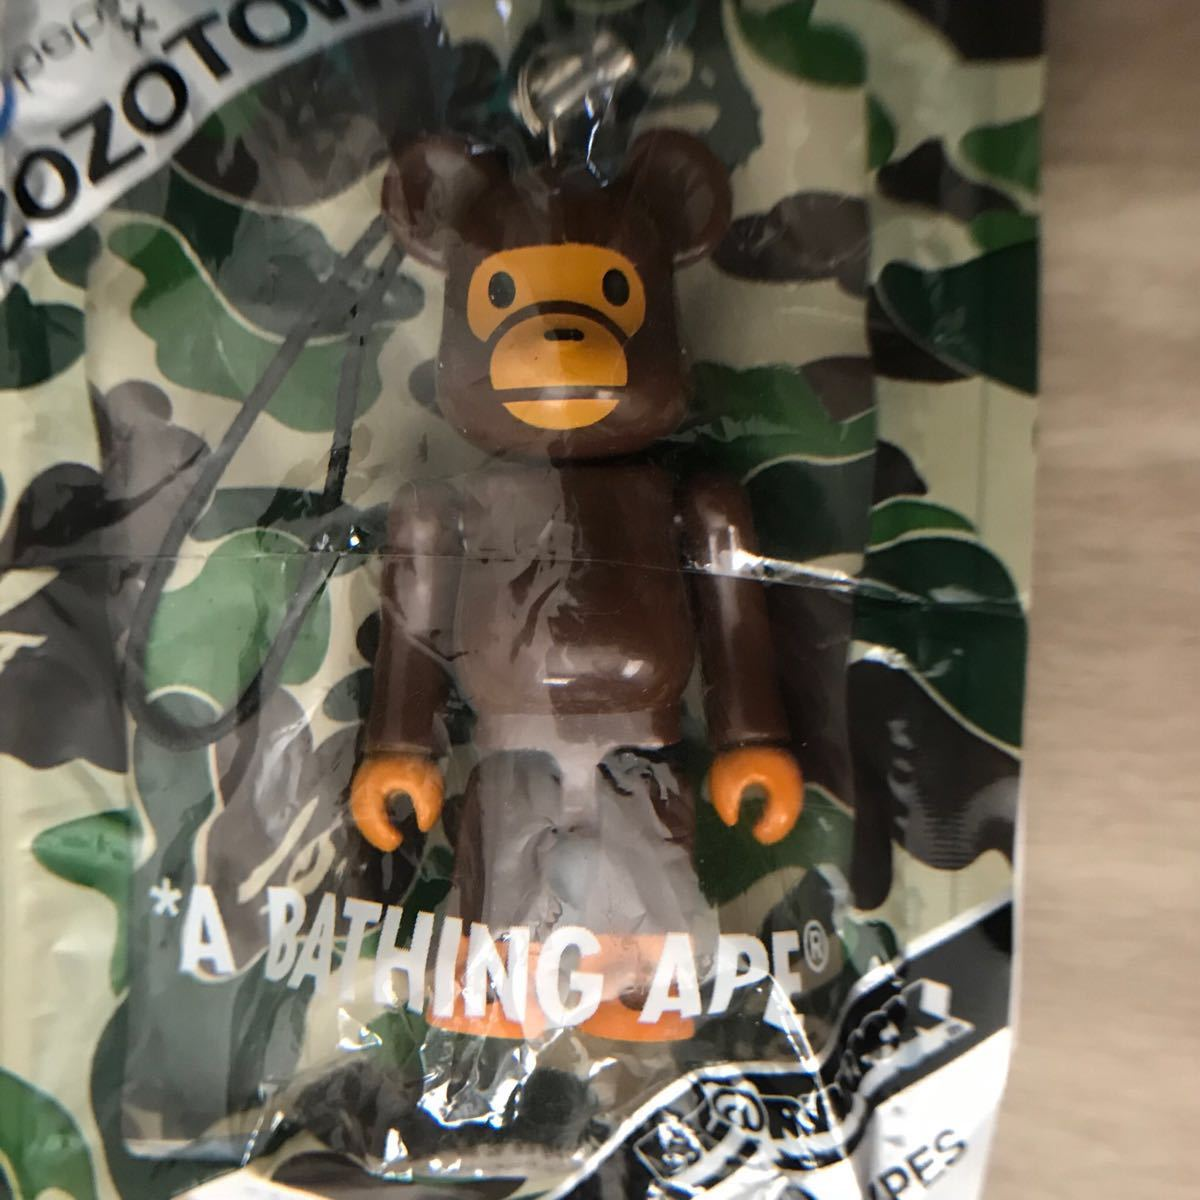 pepsi × bape BE@RBRICK a bathing ape エイプ ベイプ アベイシングエイプ ペプシ コーラ ベアブリック strap ストラップ